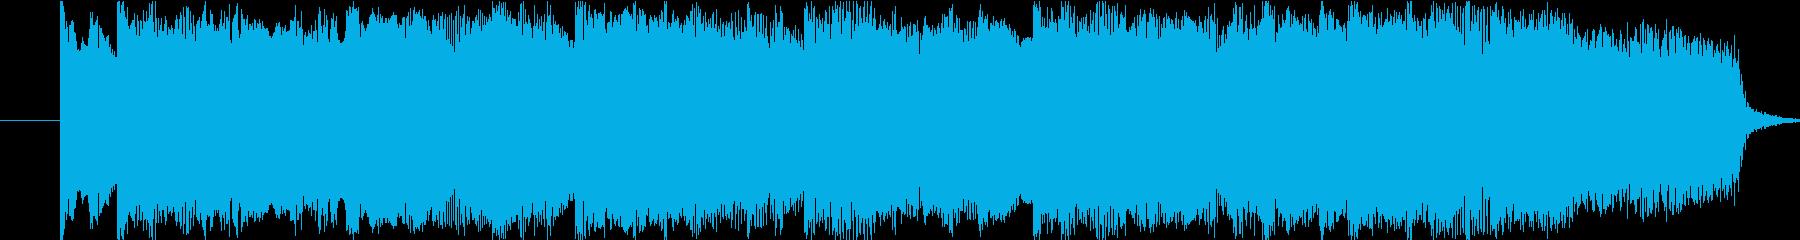 悲しげなピアノ曲の再生済みの波形